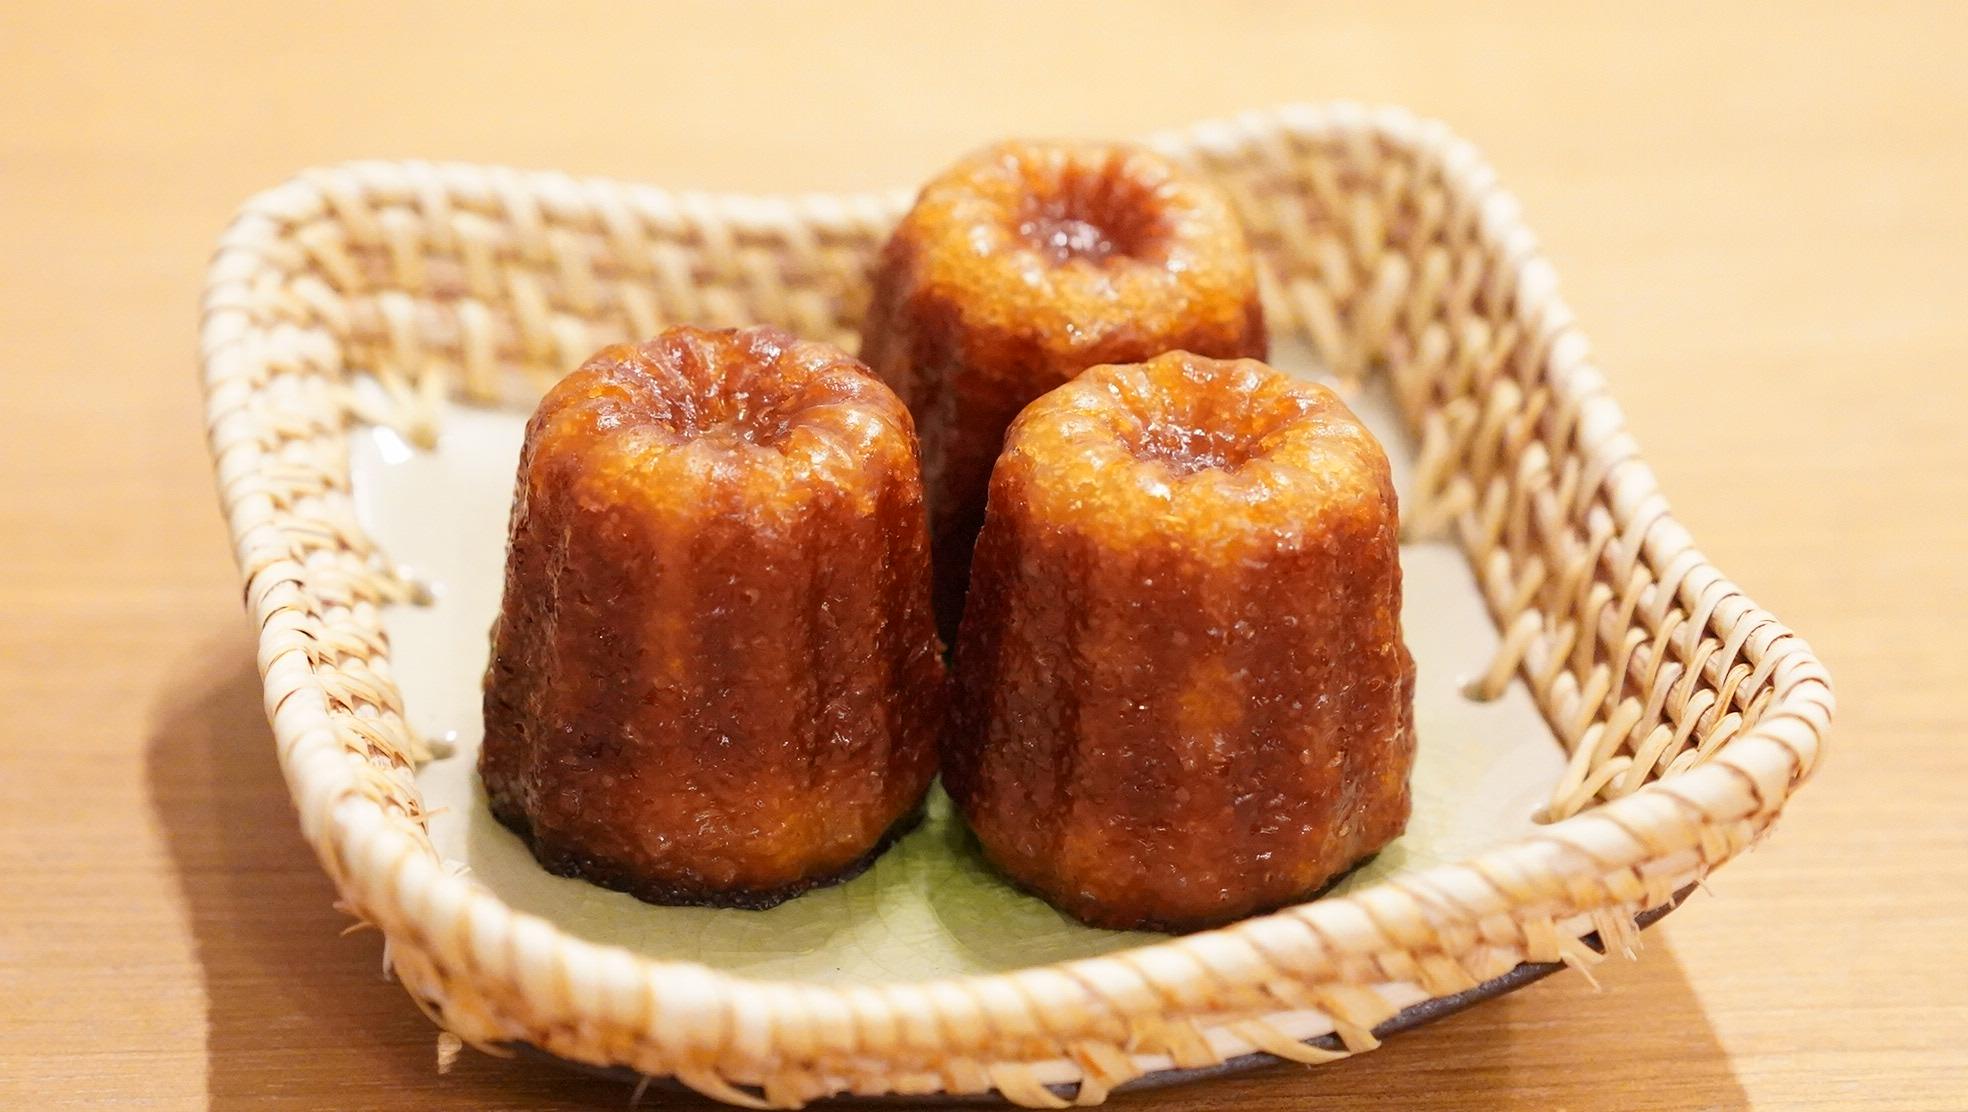 ピカールのおすすめ冷凍食品「ミニカヌレ」の商品写真